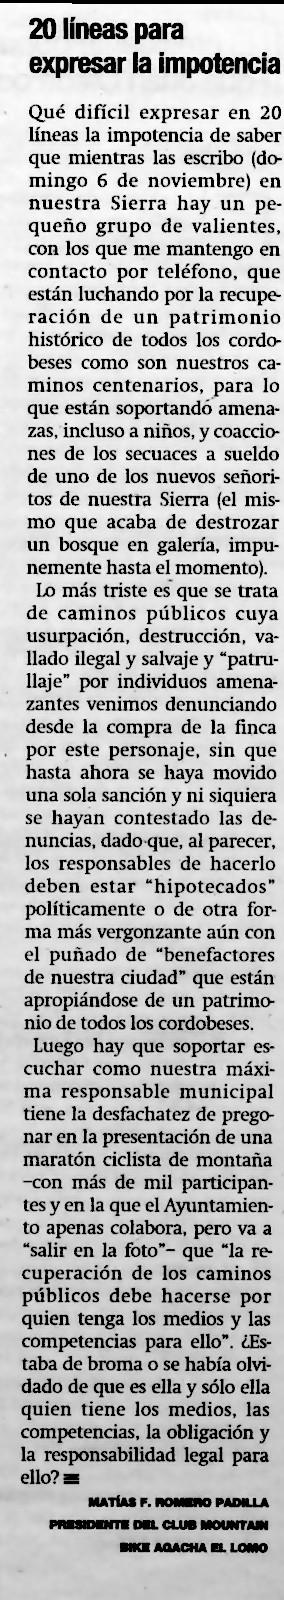 adesalambrar_cordoba_161105.jpg